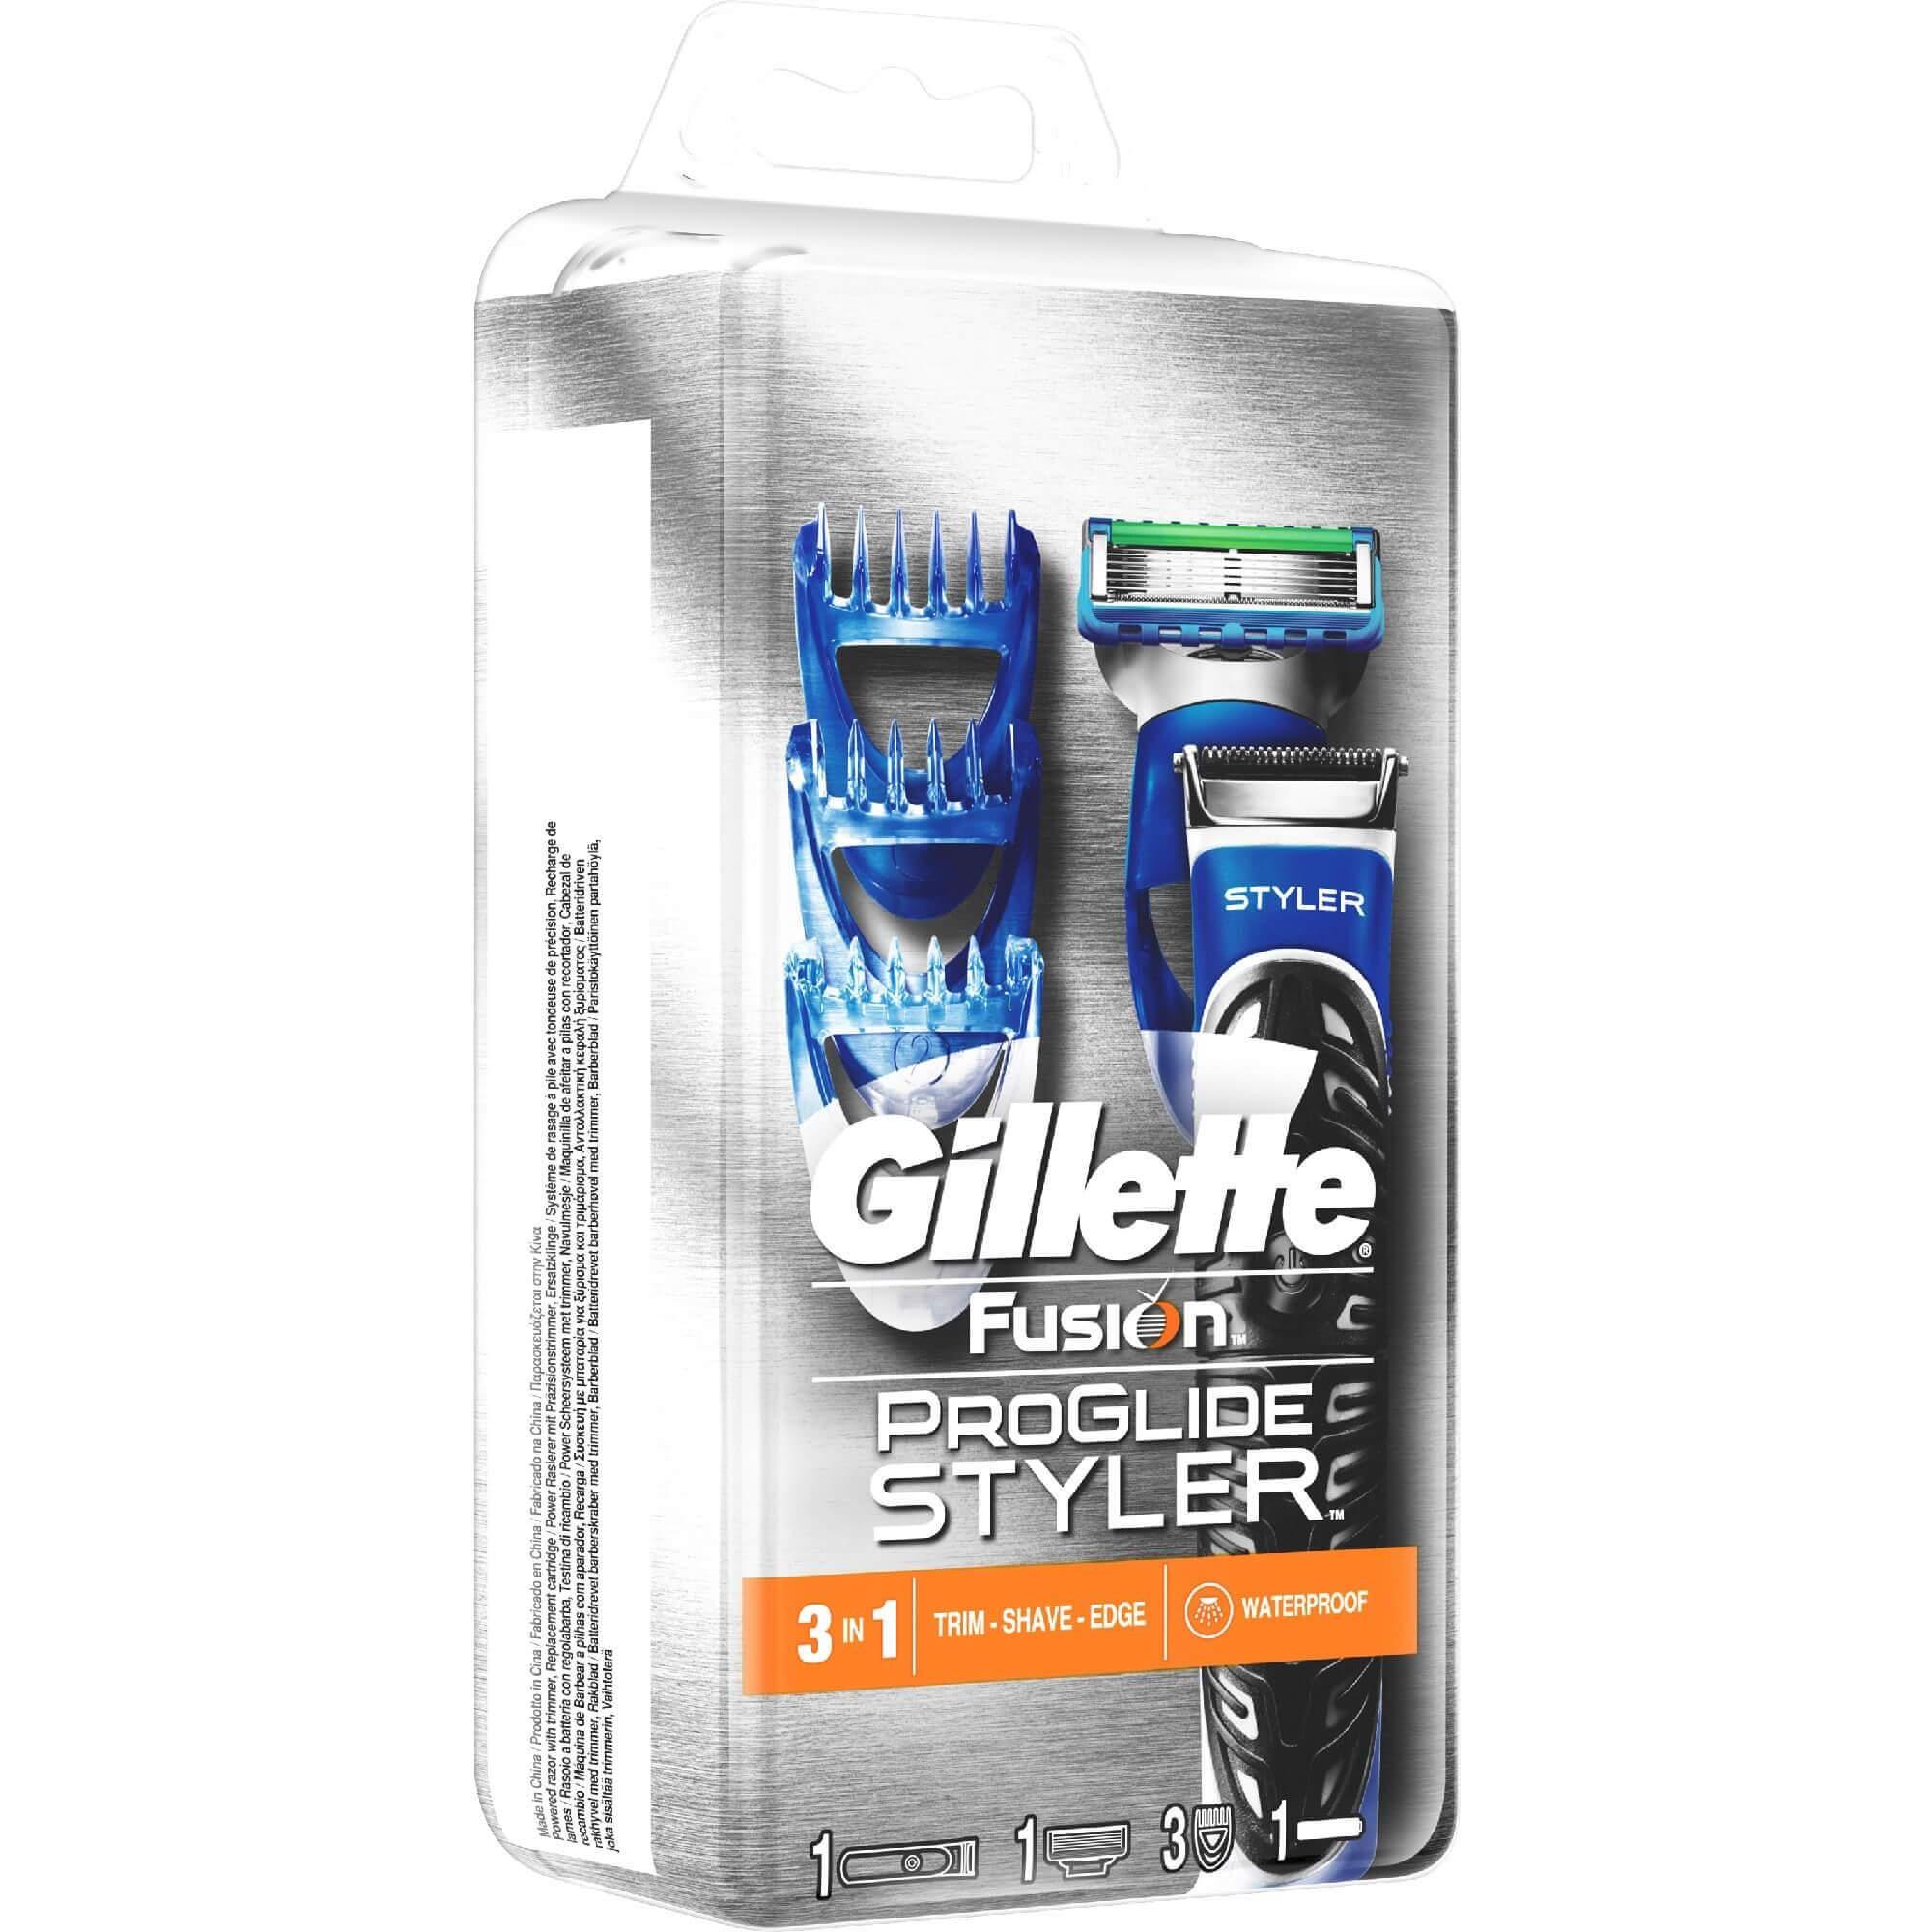 Gillette Fusion Proglide Styler Ξυριστικό Σύστημα (μηχανή + 1 Ανταλλακτικό) ομορφιά   ανδρική φροντίδα προσώπου   σώματος   ξύρισμα άνδρας